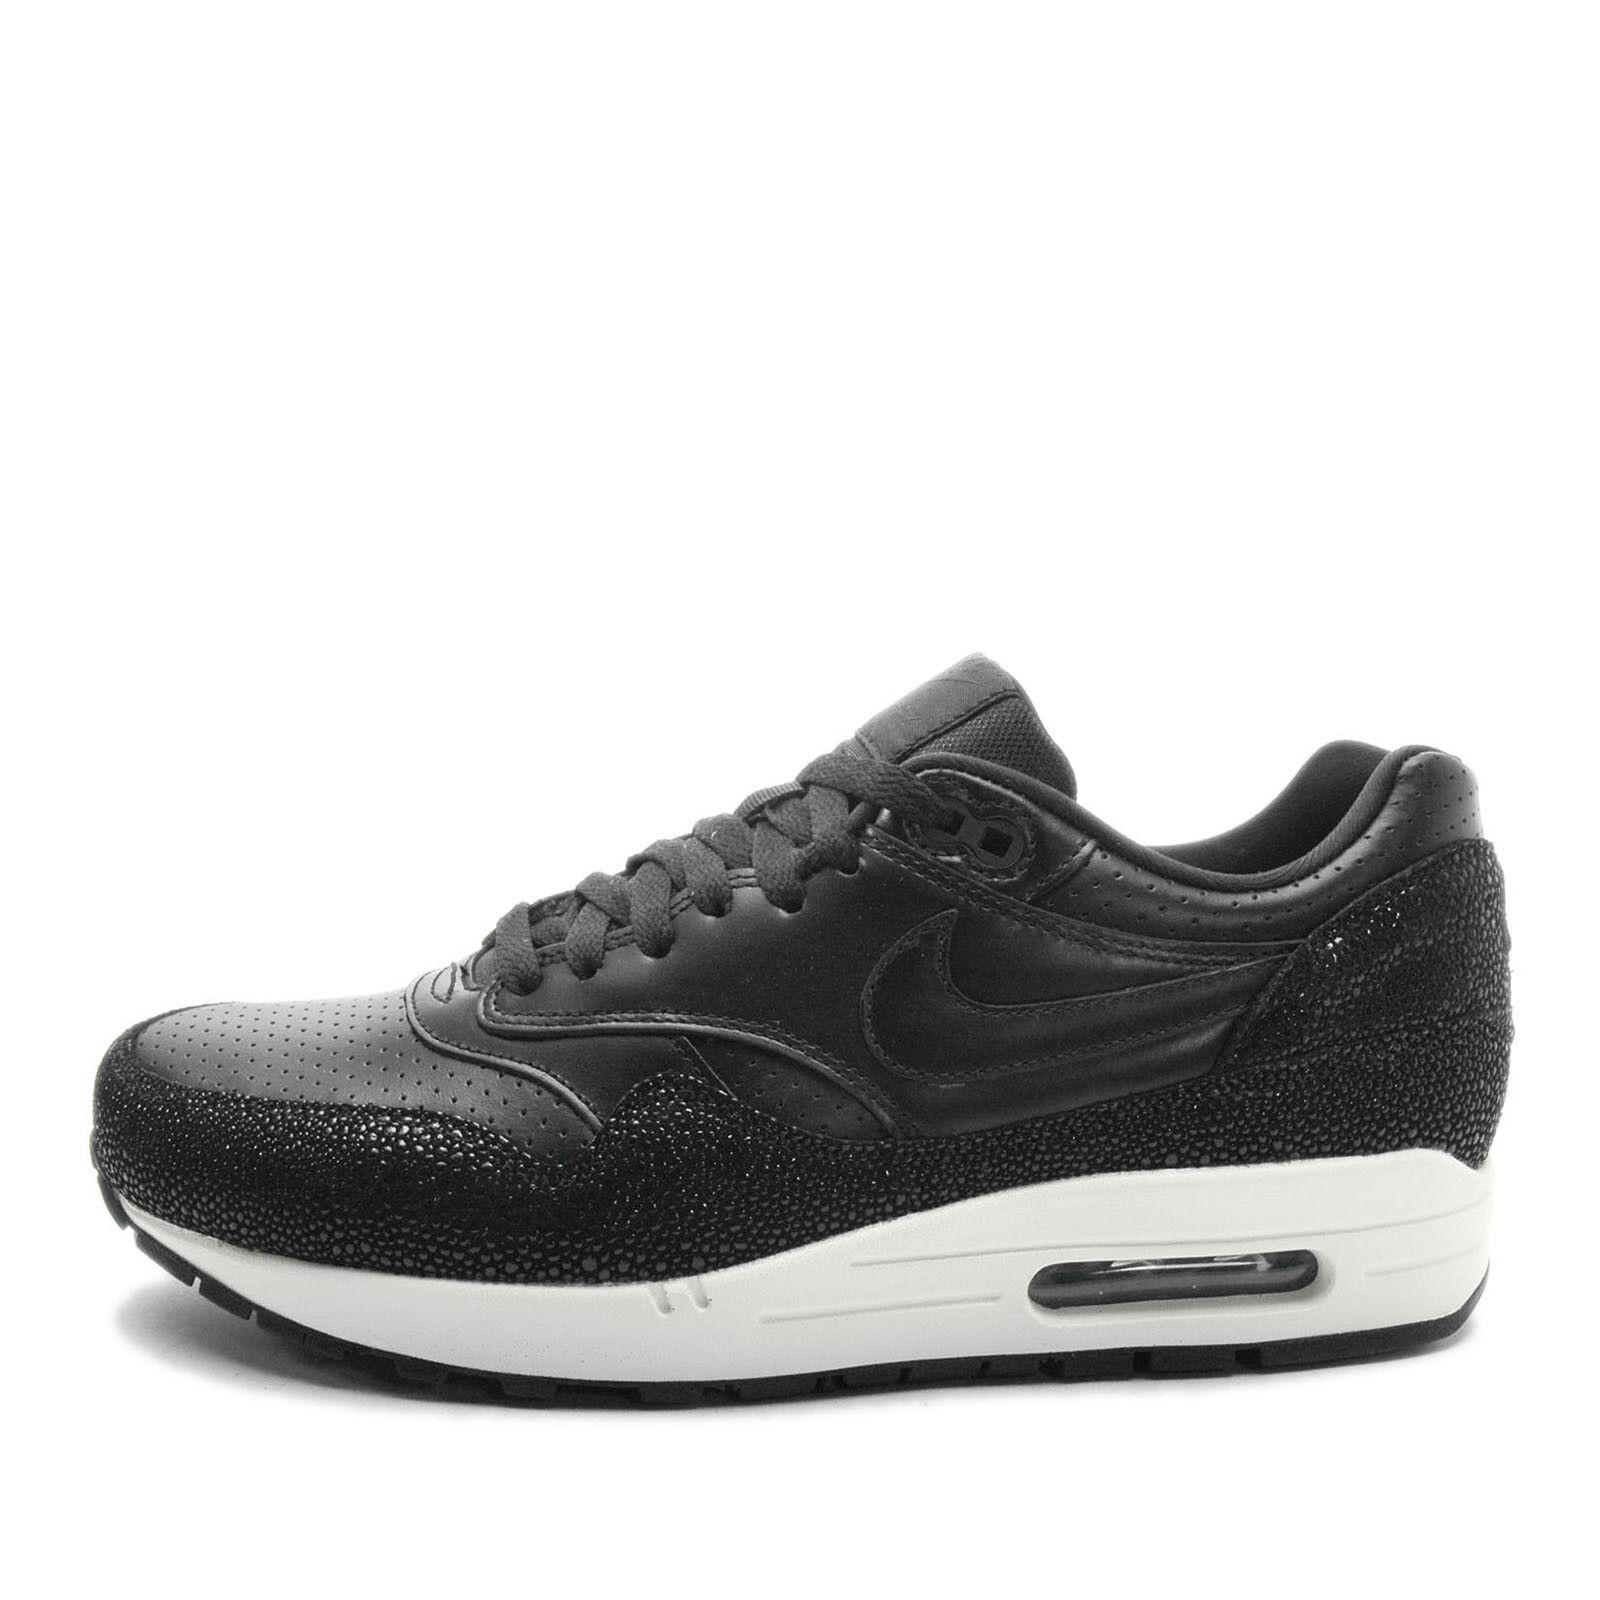 outlet store 20e1a 1150a Nike Nike Nike Air Max 1 cuero pa reduccion de precio NSW running negro    Negro